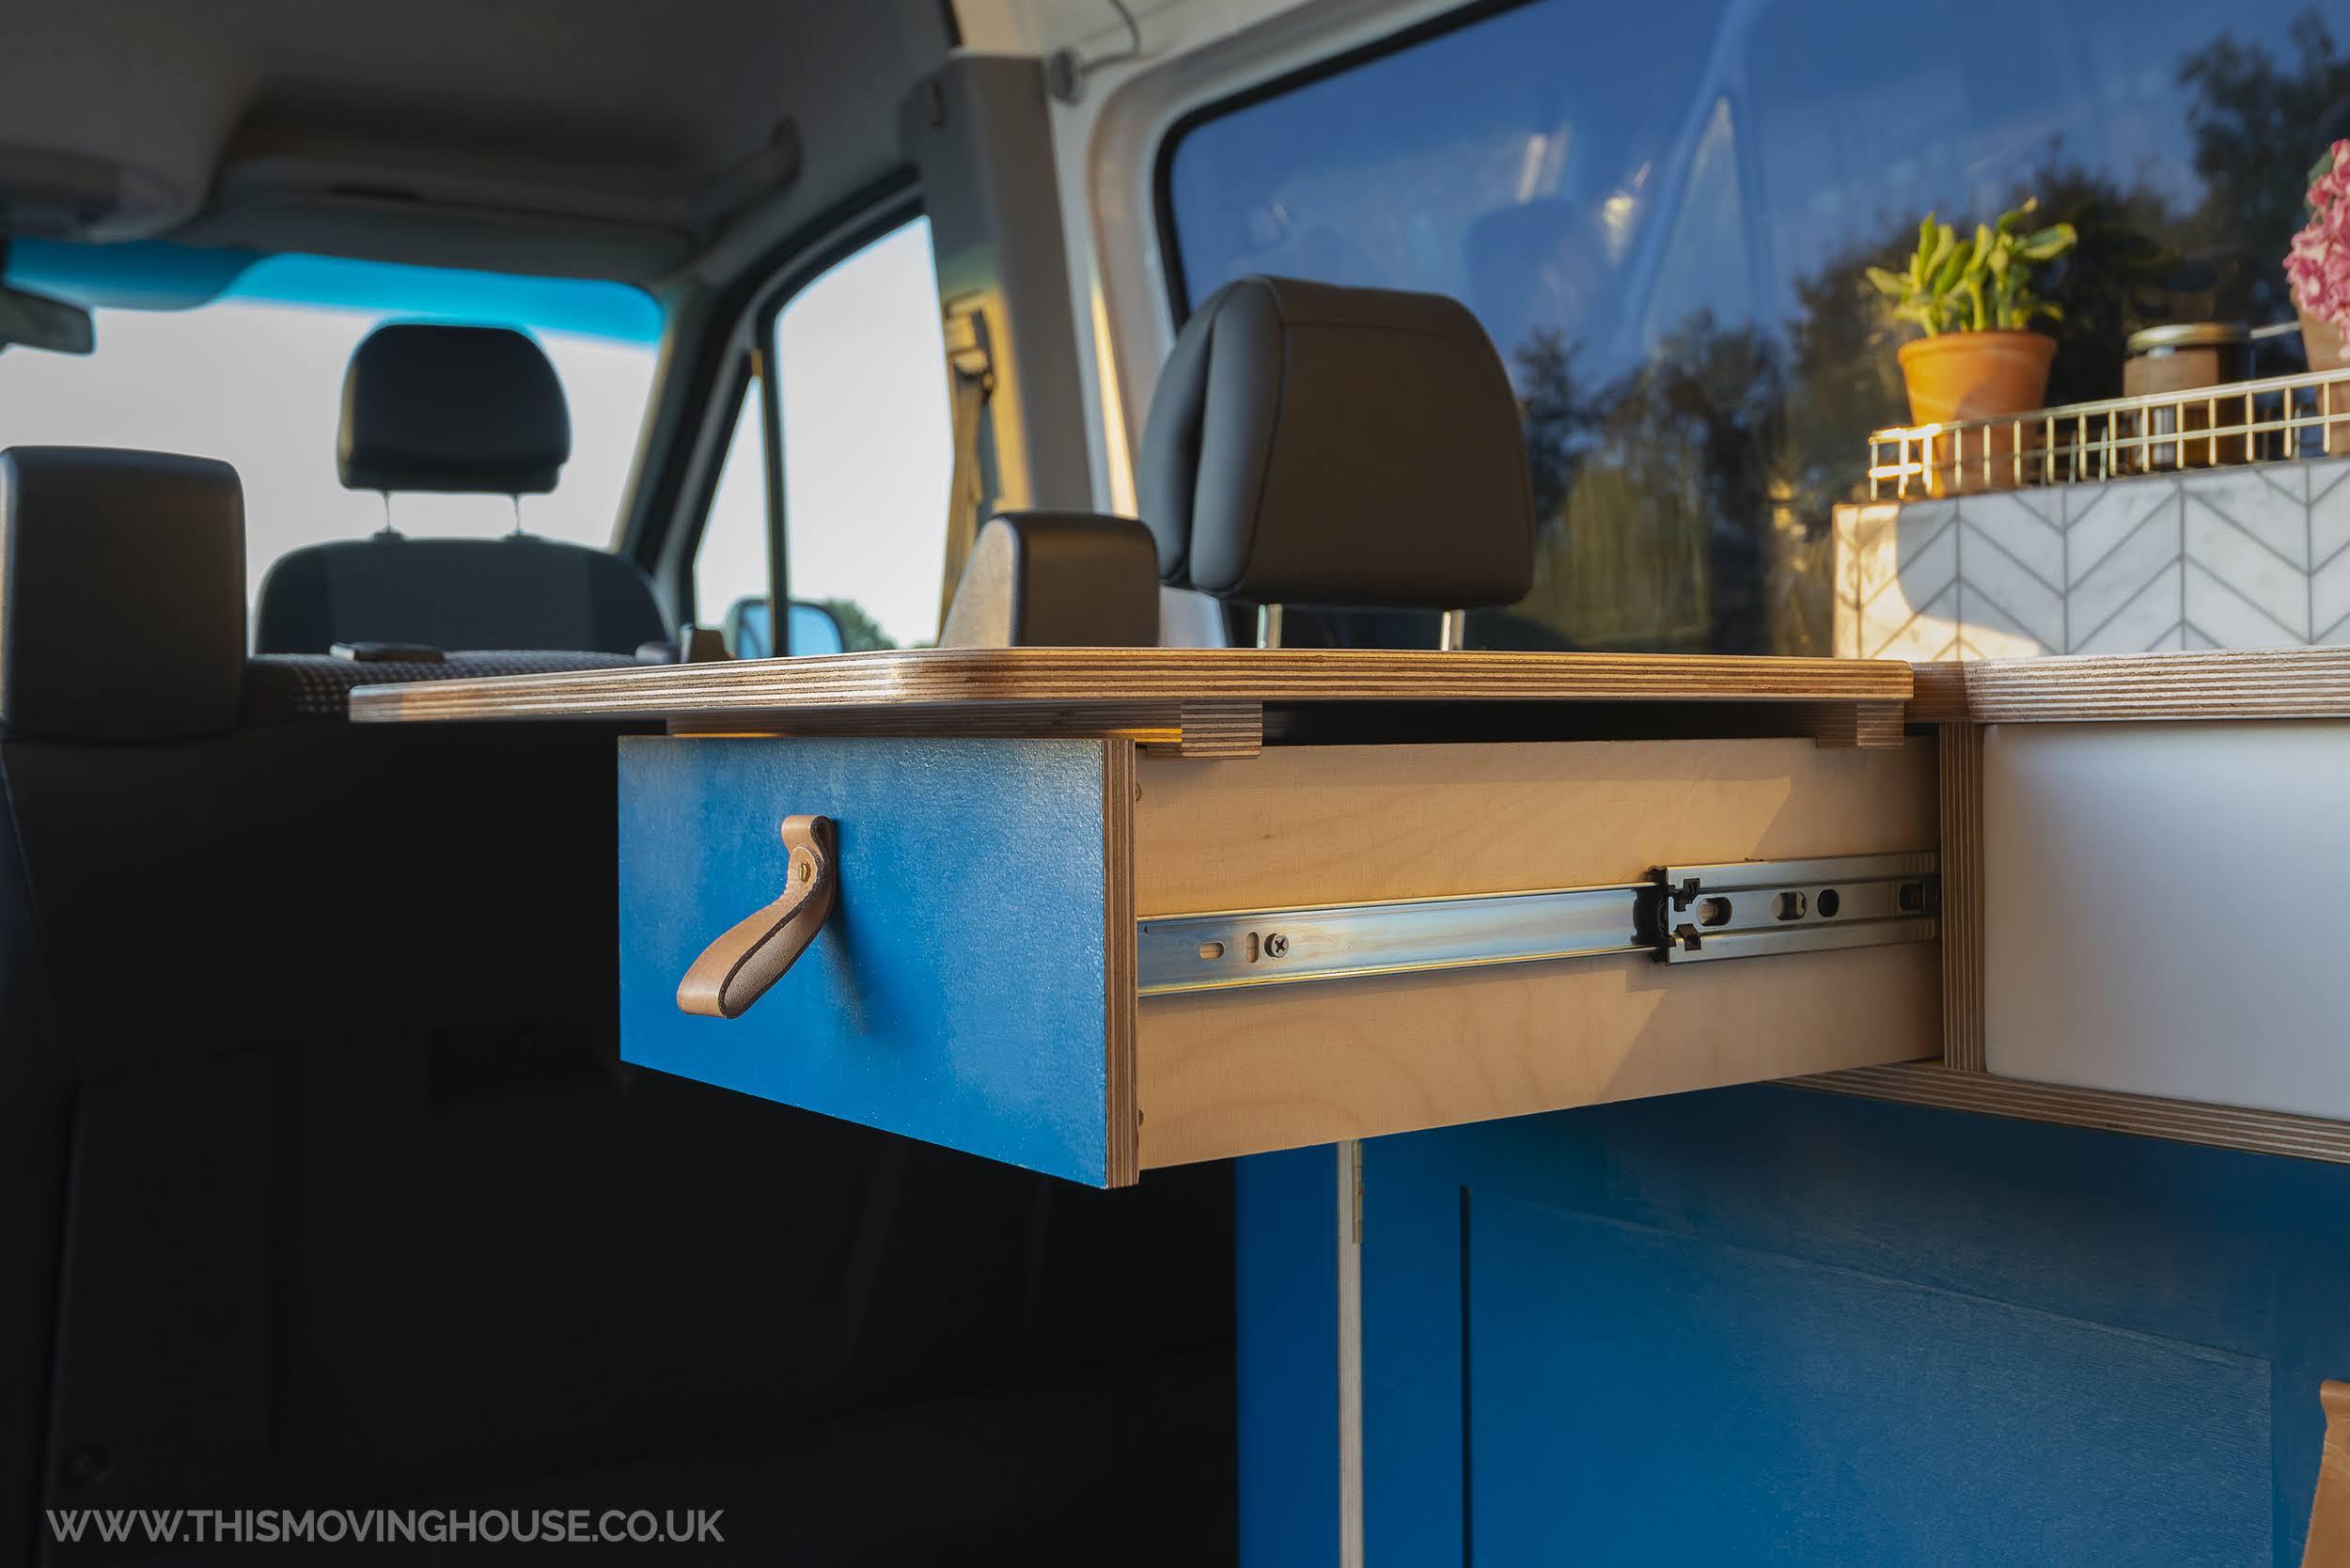 bespoke worktop in a hand built camper van kitchen